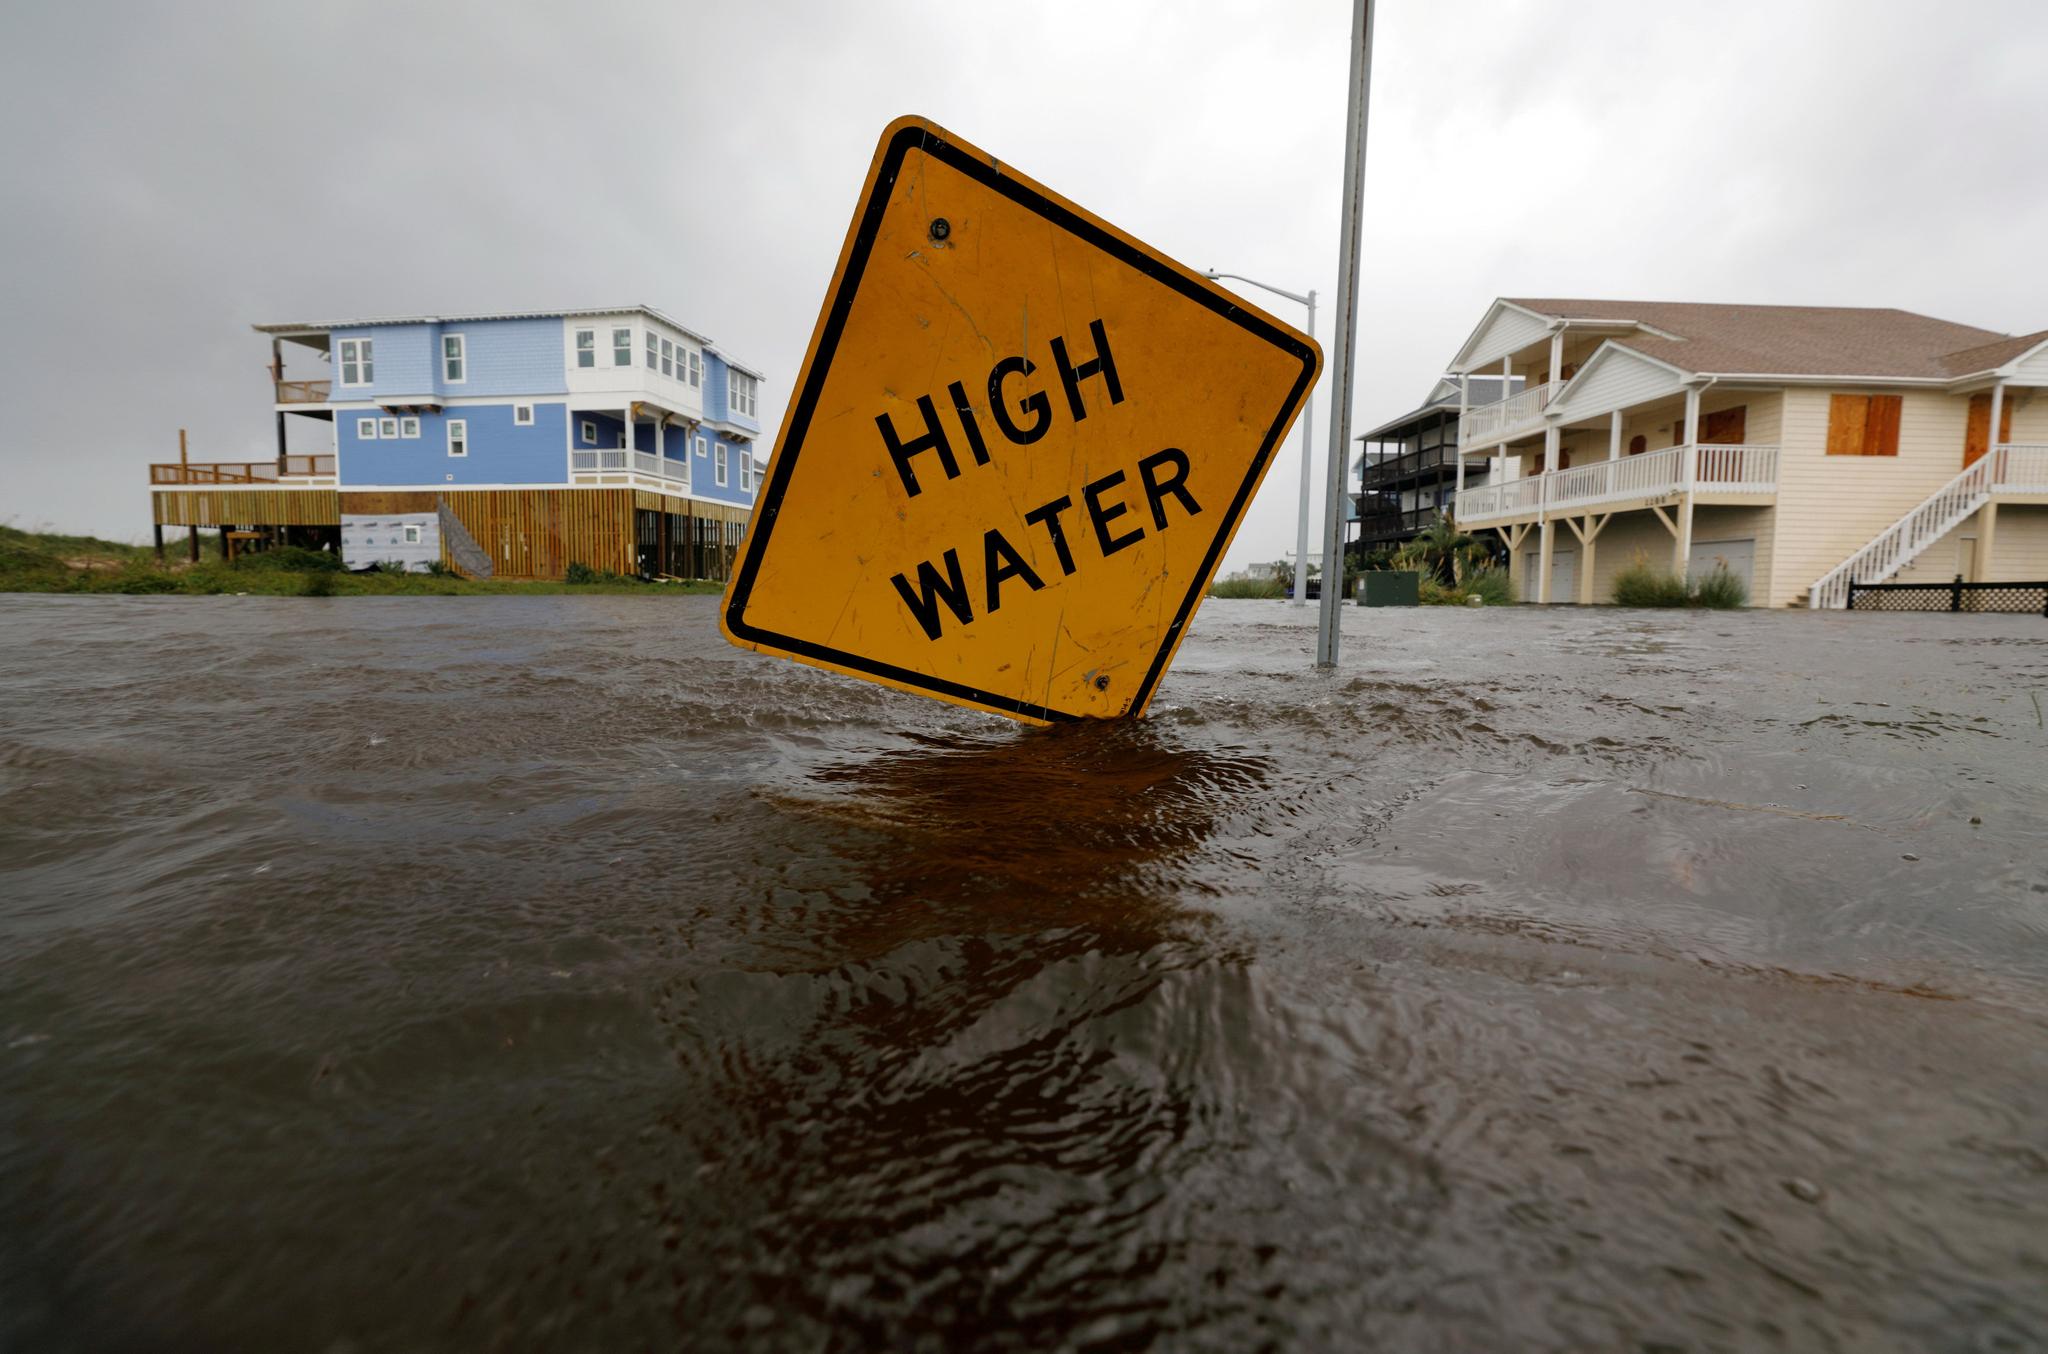 노스캐롤라이나 오클랜드의 홍수 경고판 턱 아래까지 빗물이 찼다. [REUTERS=연합뉴스]